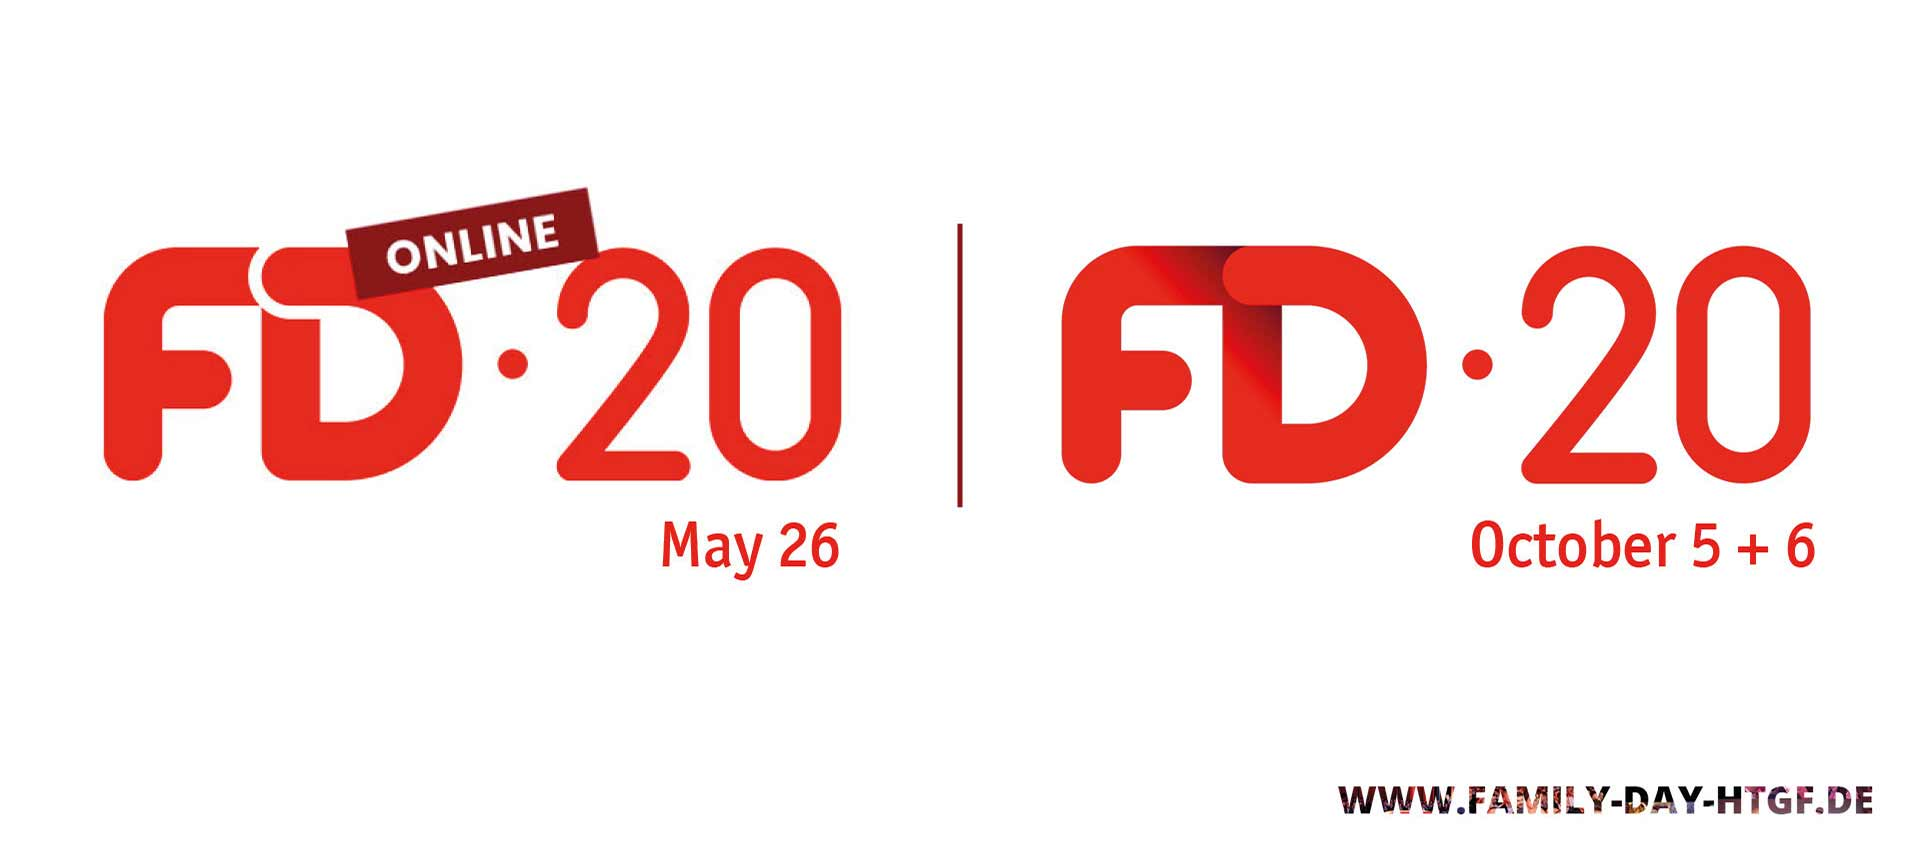 HTGF Family Day 2020 Online und Live